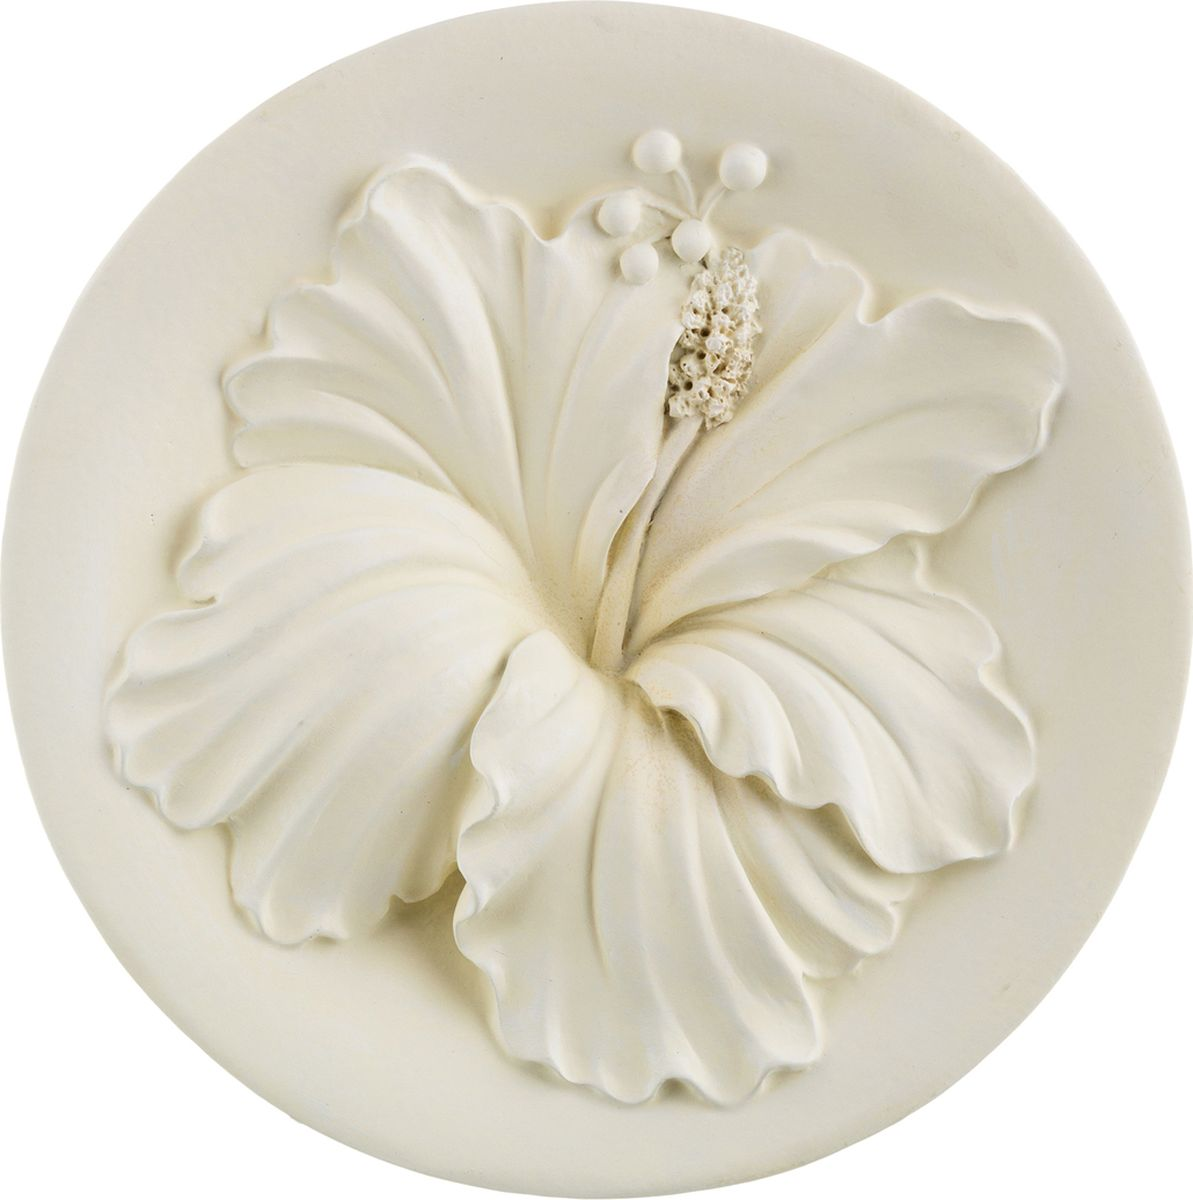 Панно Lefard, цвет: белый, 27 х 27 х 4,5 см. K20W022 ваза lefard подсолнух цвет коричневый 27 х 27 х 19 5 см